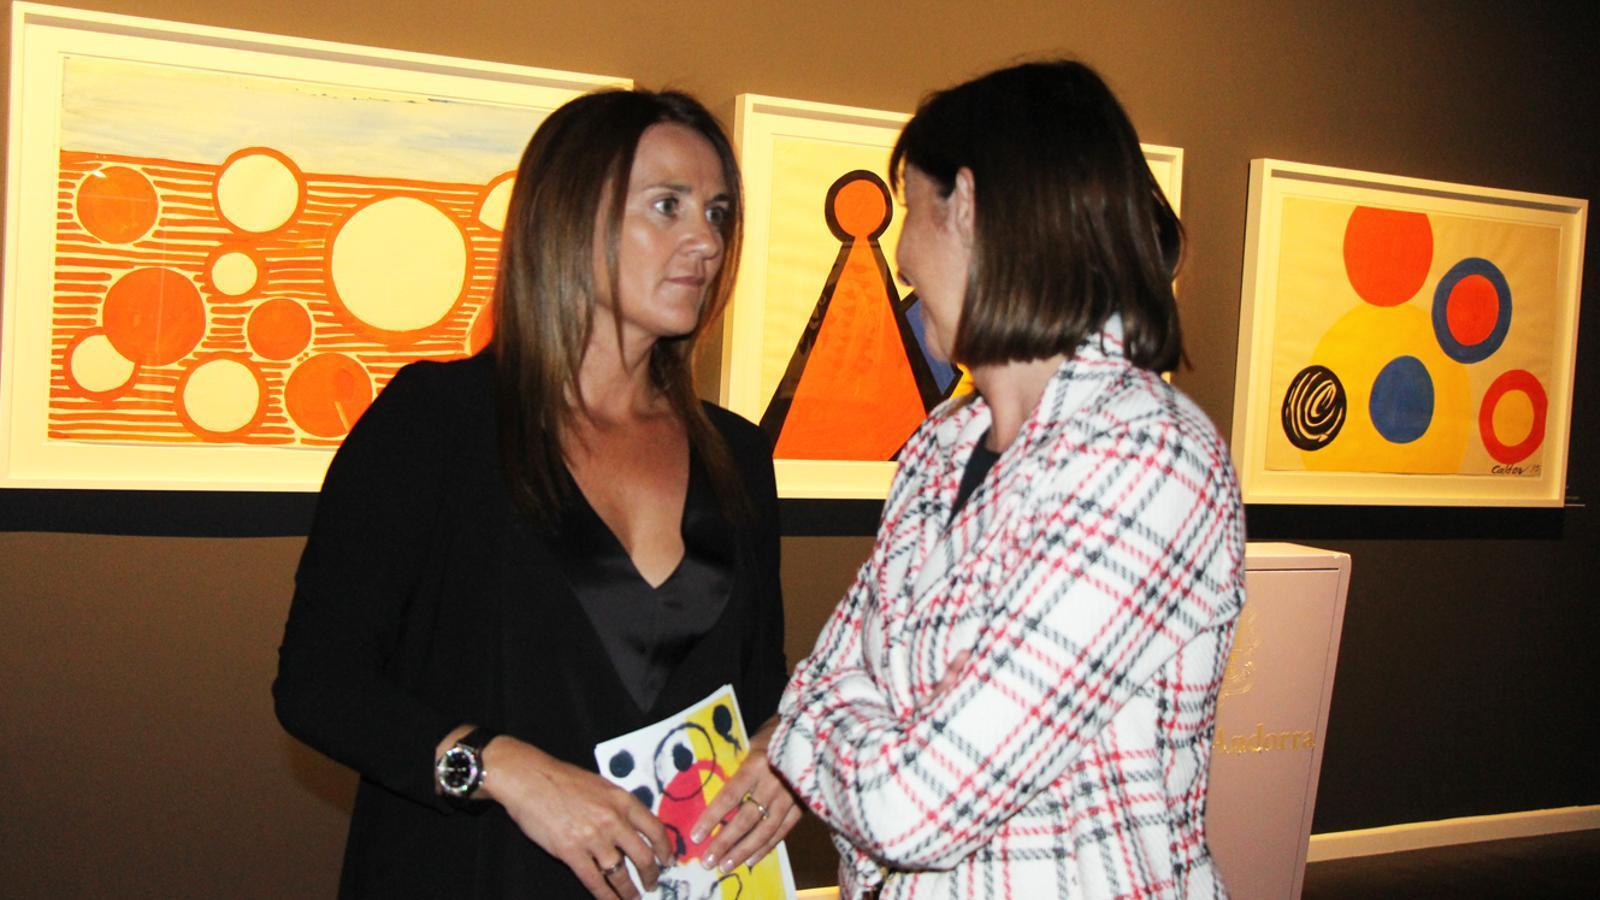 La ministra de Cultura, Olga Gelabert, conversa amb la ministra de Funció Pública, Eva Descarrega, a la inauguració de la mostra dedicada a Calder. / E. J. M. (ANA)